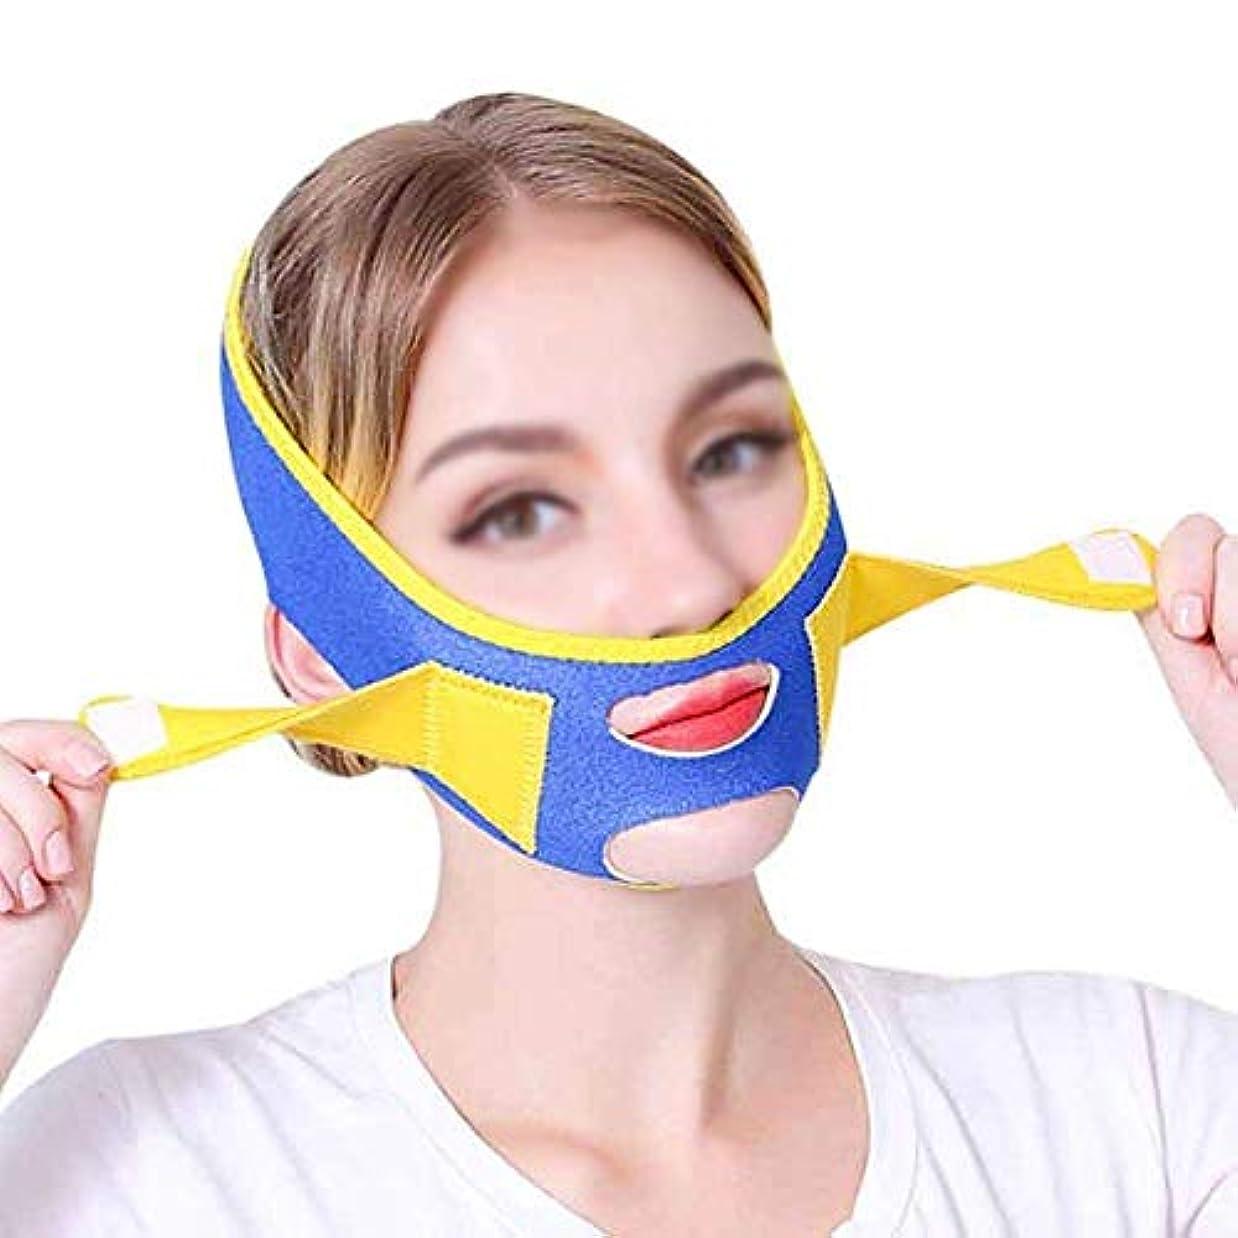 口径許可するソーシャルフェイスリフトマスク、あごひも回復包帯薄いフェイスマスクVフェイスステッカーフェイスリフトステッカー韓国本物のリフティング引き締め引き締め成形薄いダブルチンフェイスリフト睡眠包帯アーティファクト